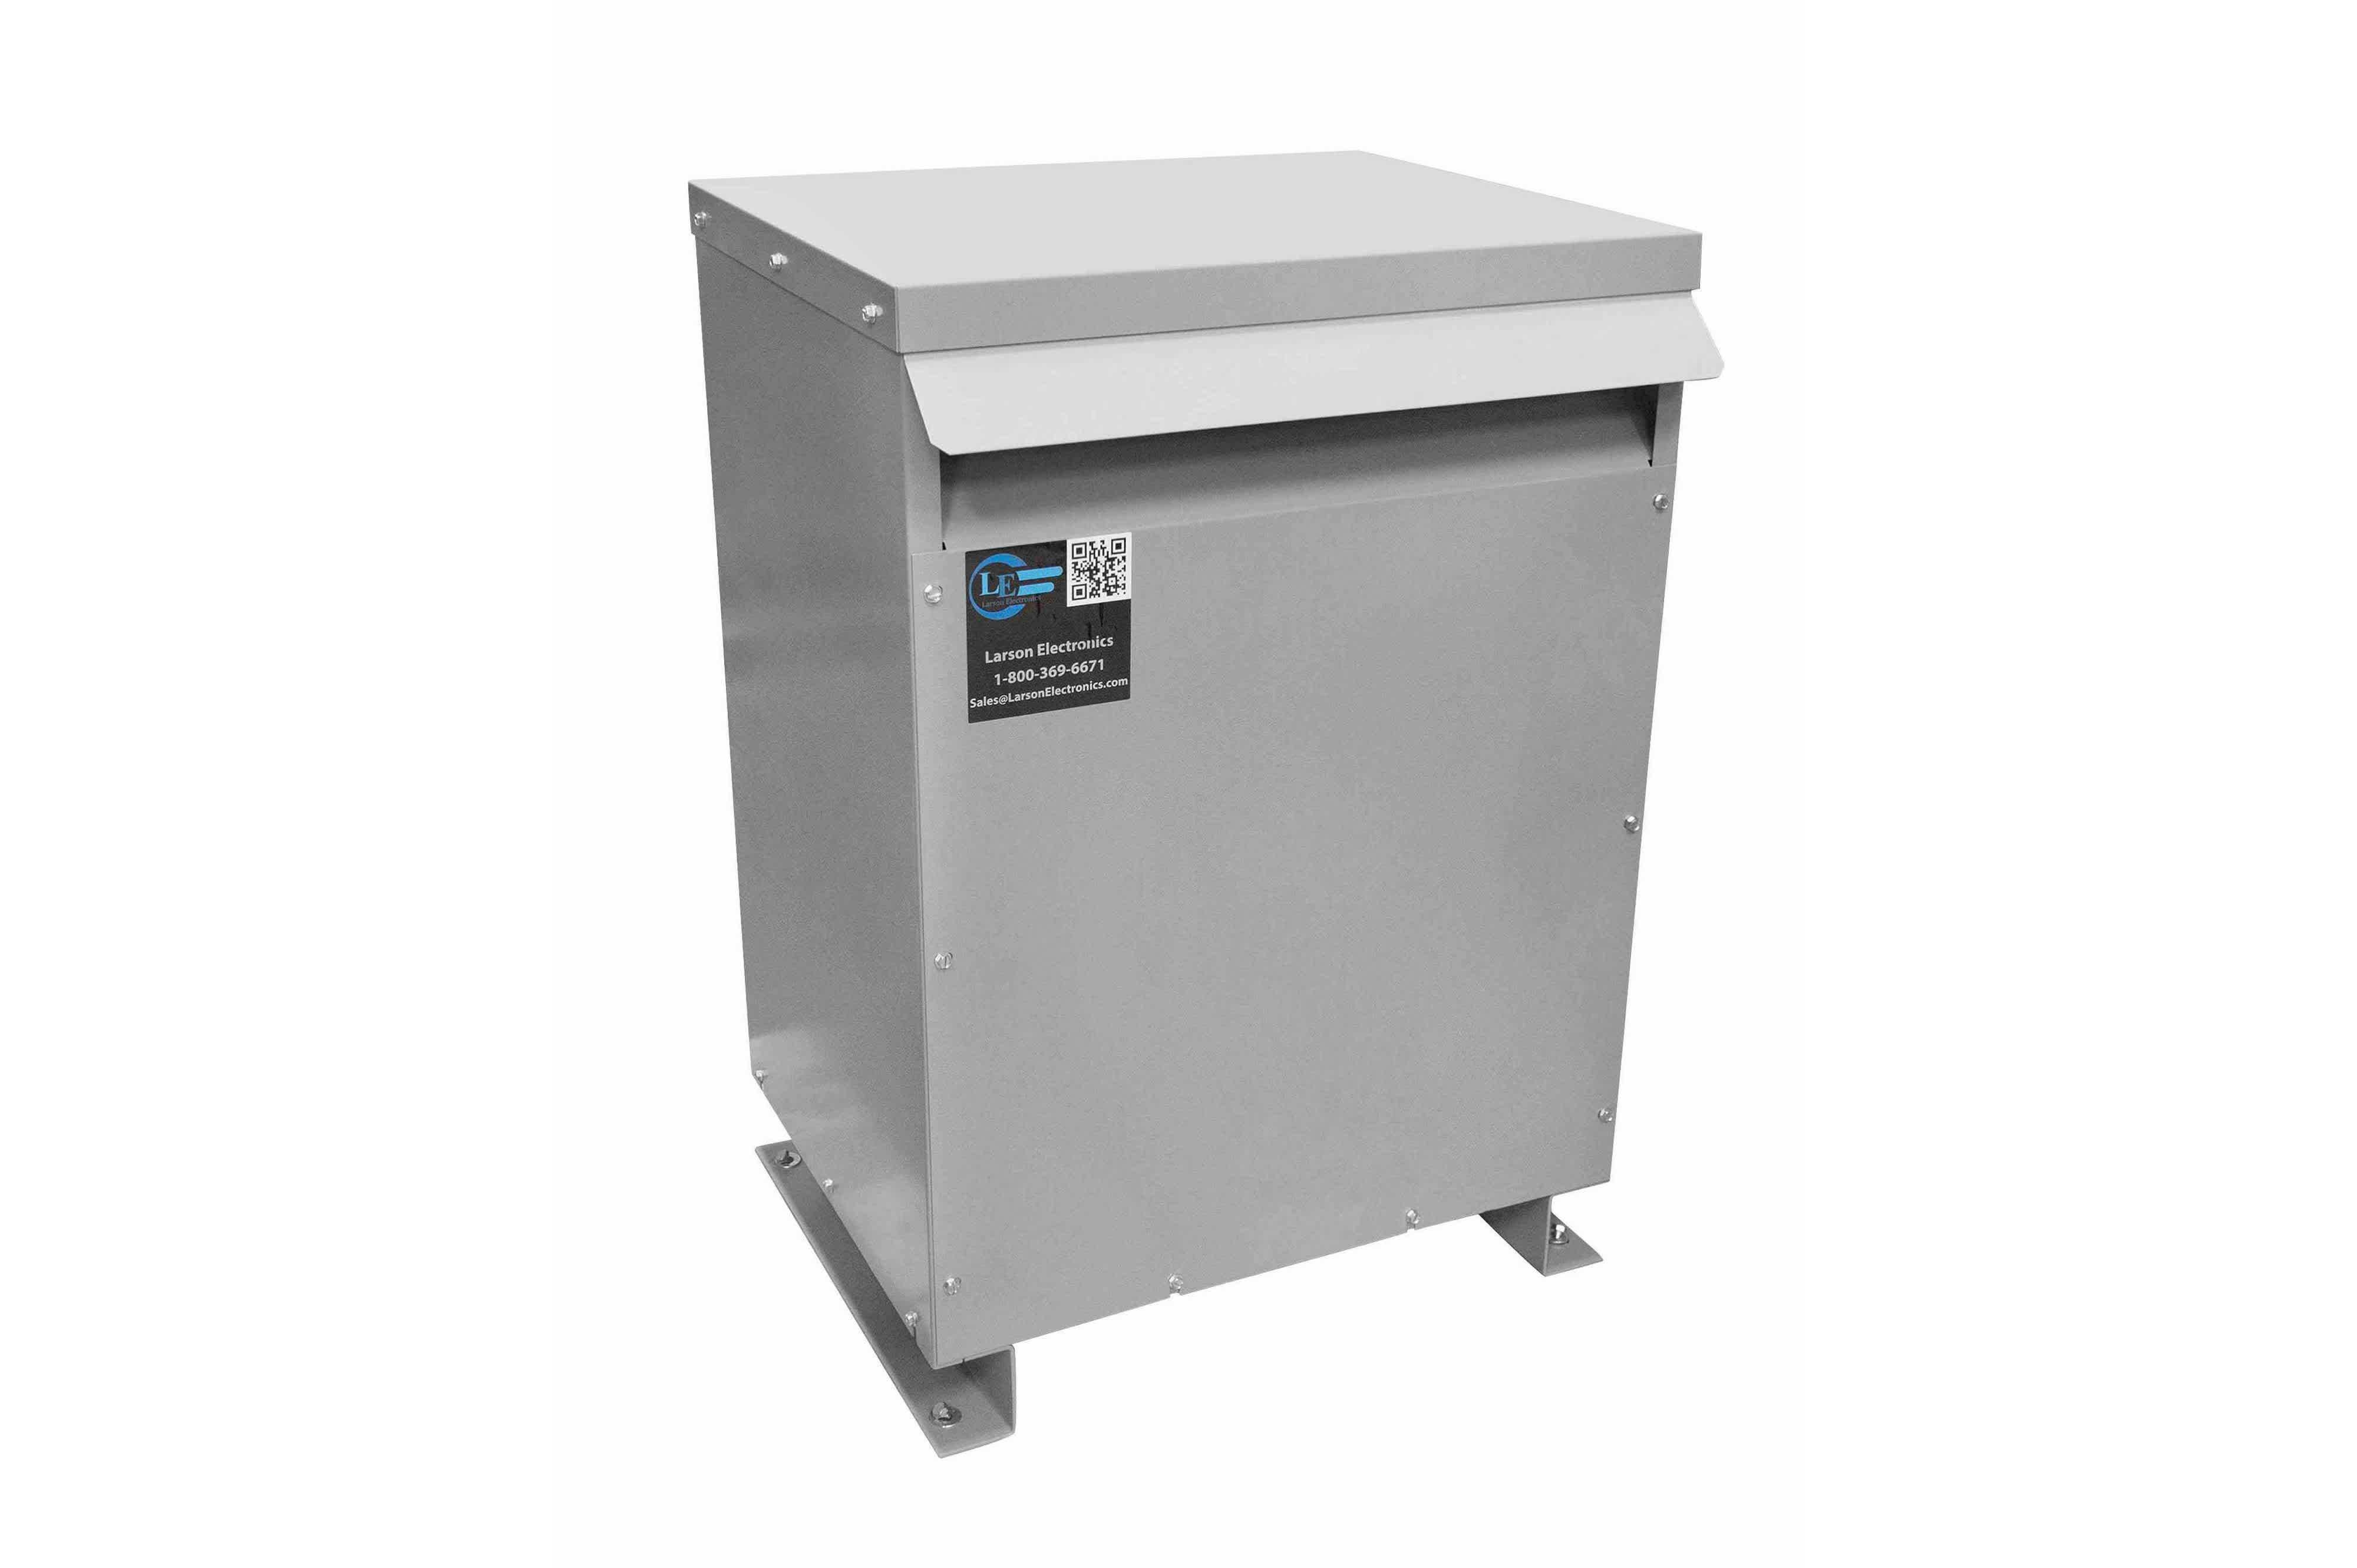 15 kVA 3PH Isolation Transformer, 575V Delta Primary, 380V Delta Secondary, N3R, Ventilated, 60 Hz